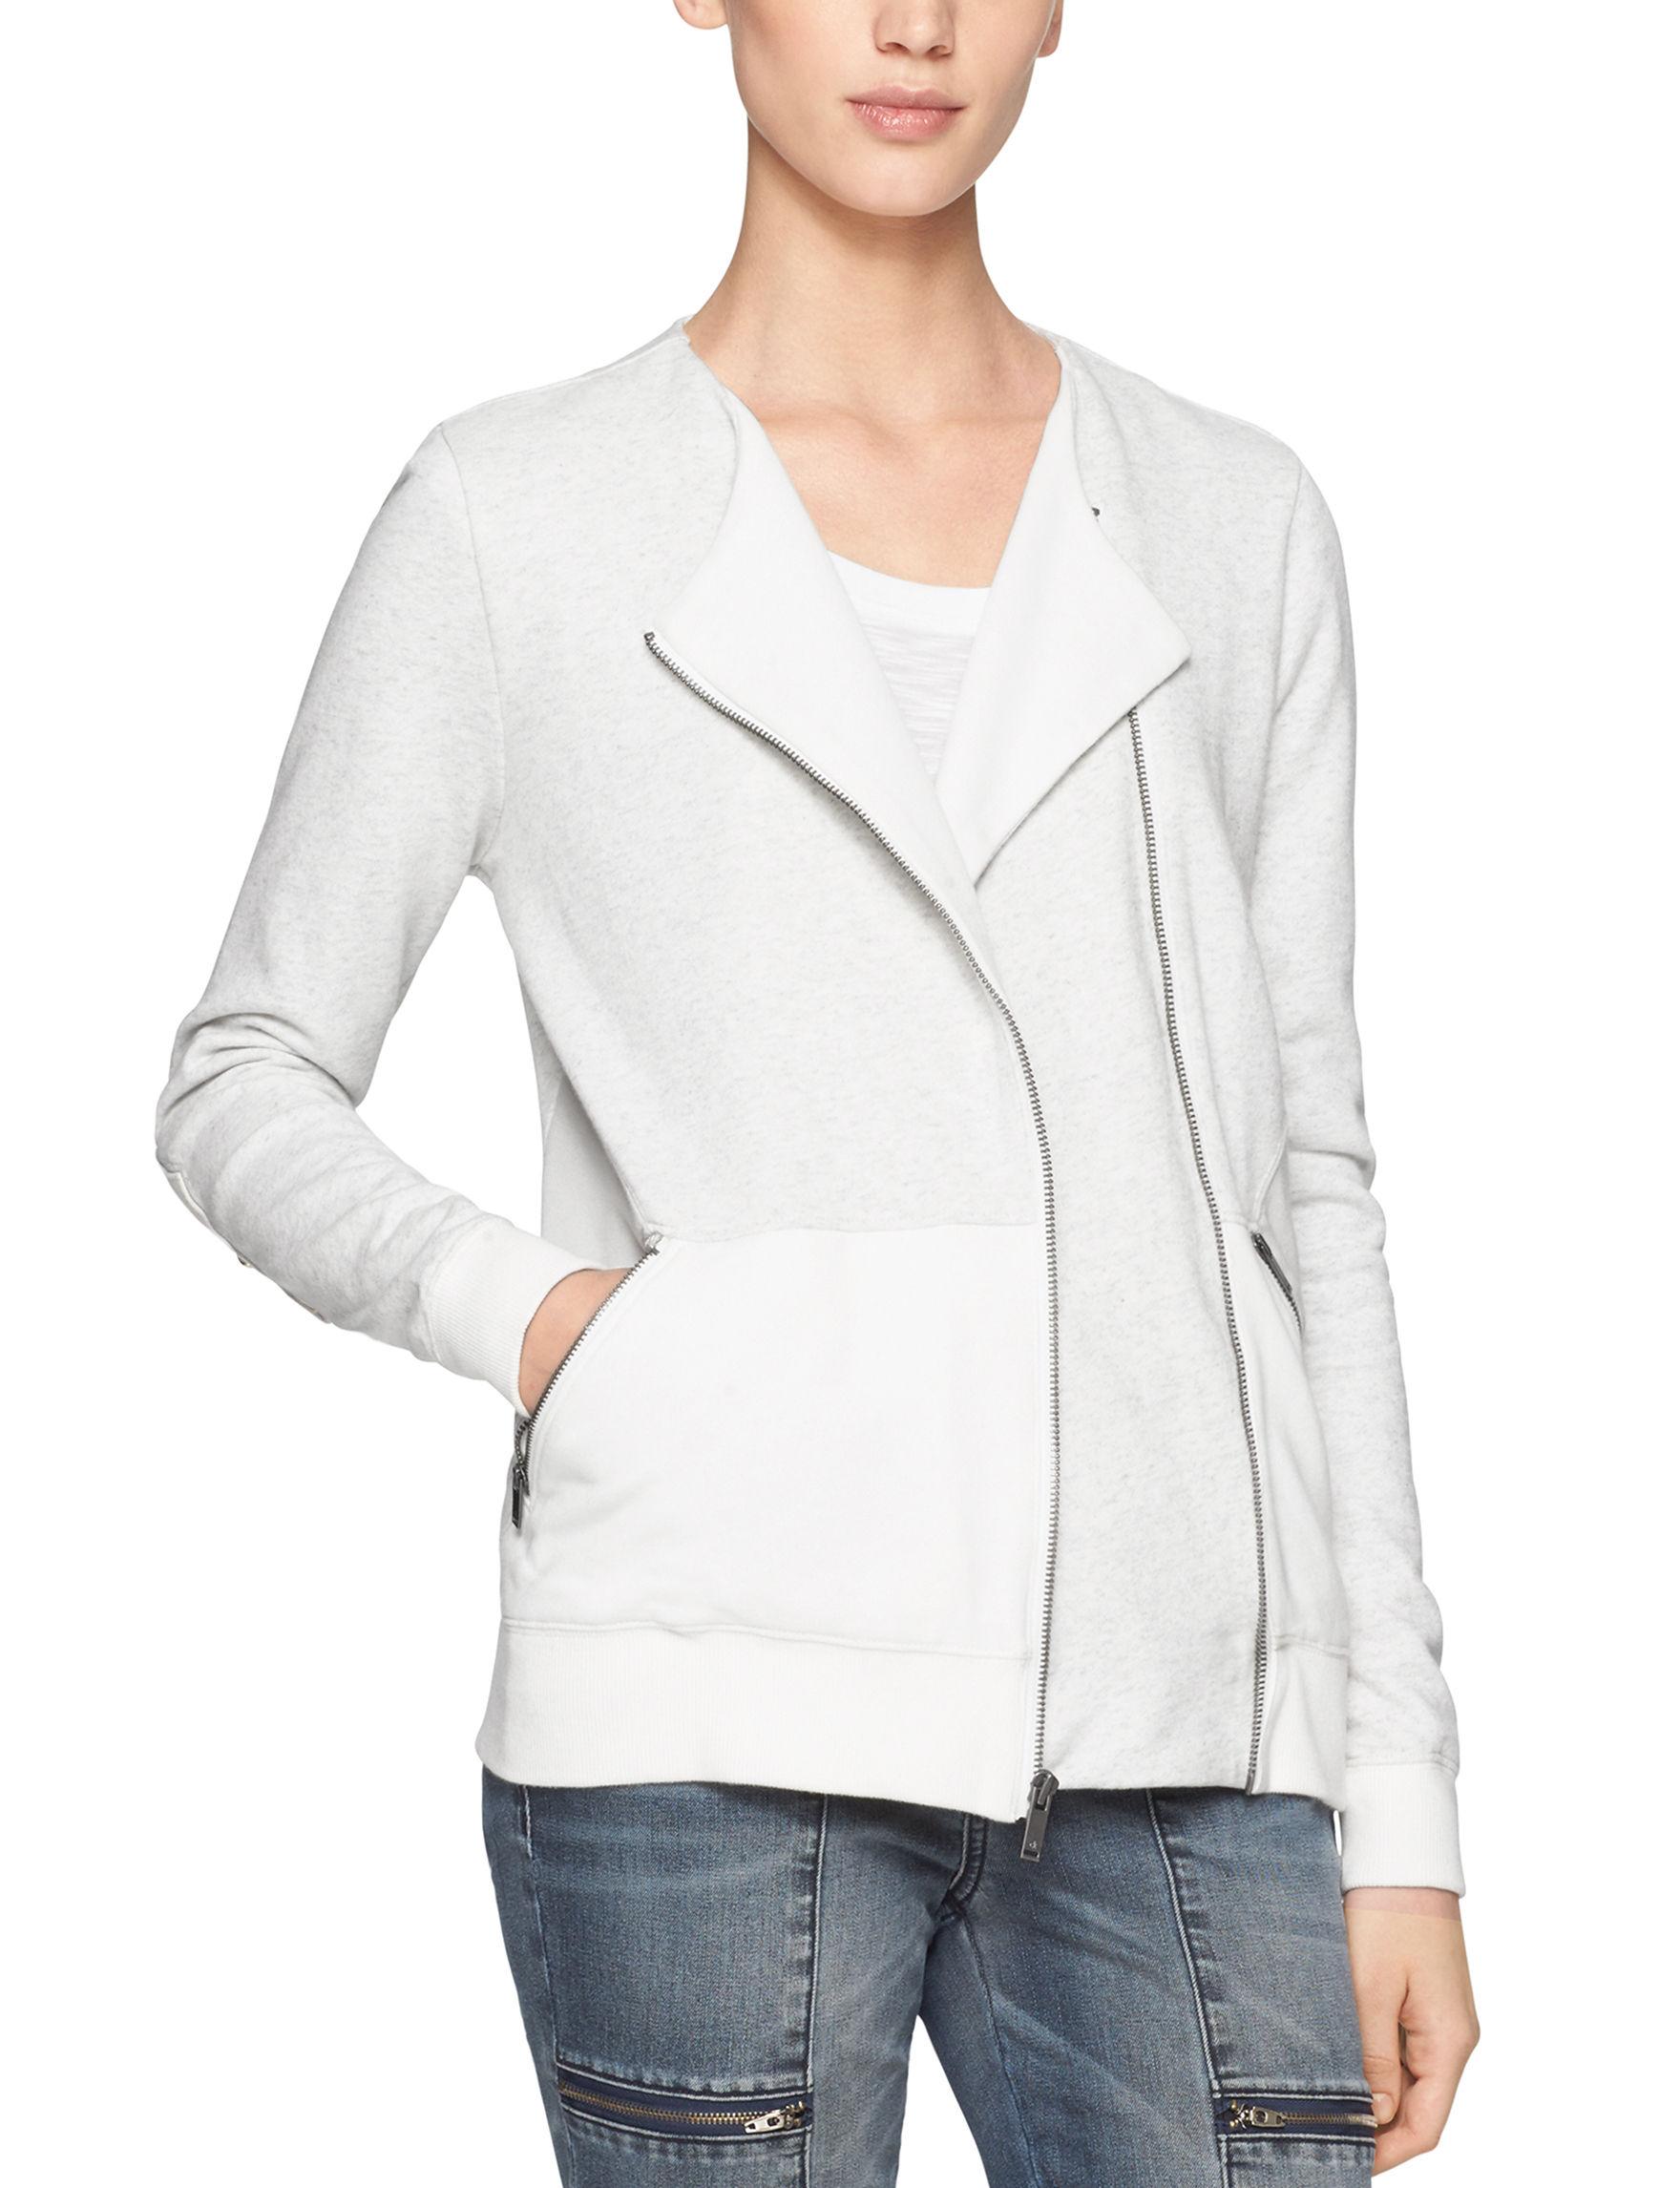 Calvin Klein Jeans White Lightweight Jackets & Blazers